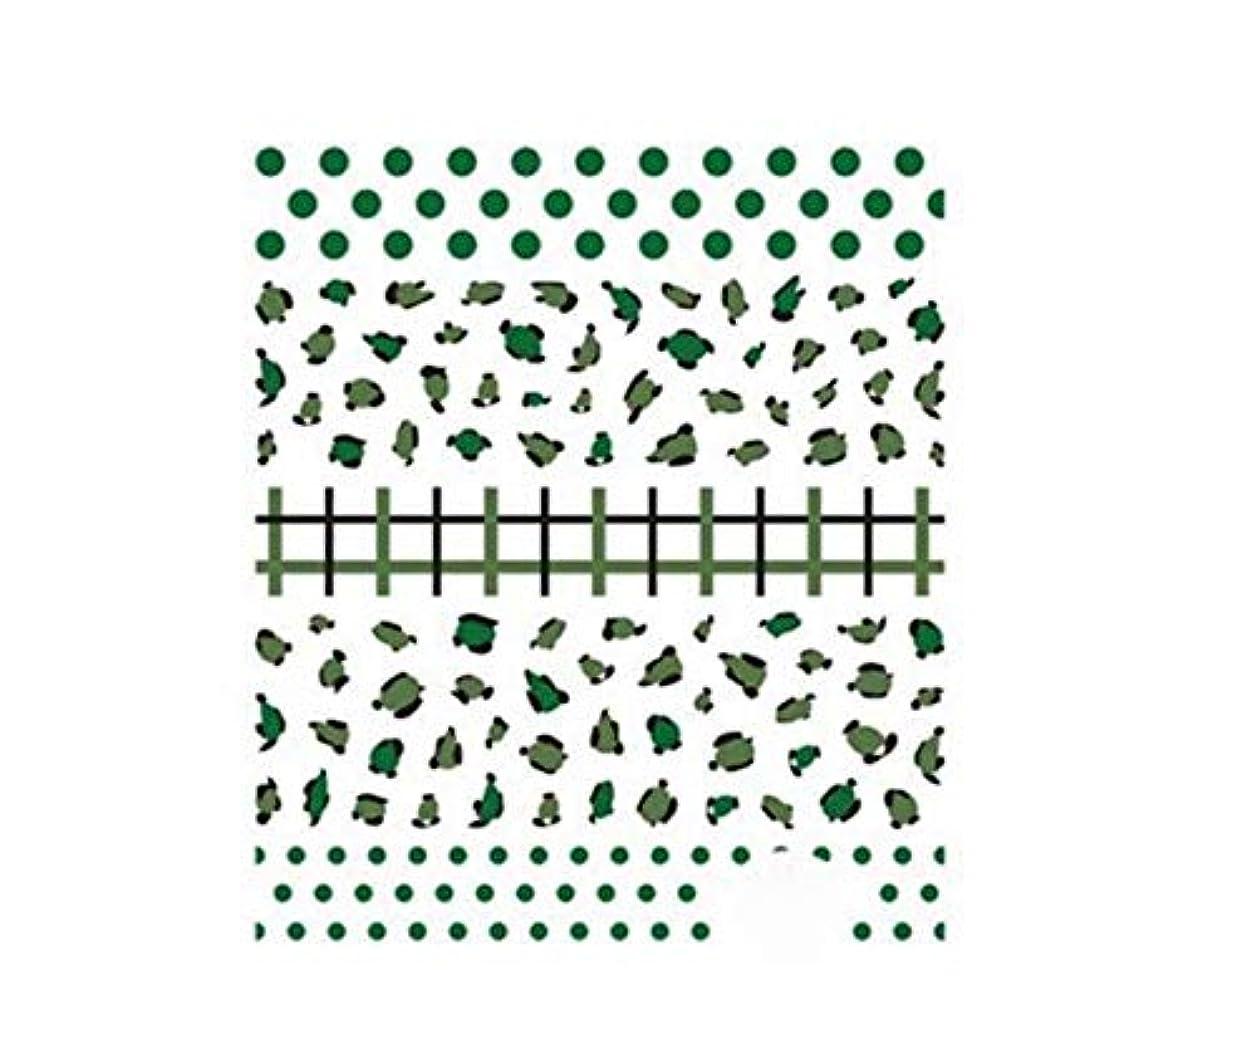 避けられない否認する振る舞いTianmey 3D色の花柄ネイルアートステッカーデカールマニキュア美しいファッションアクセサリー装飾 (Color : Leopard)